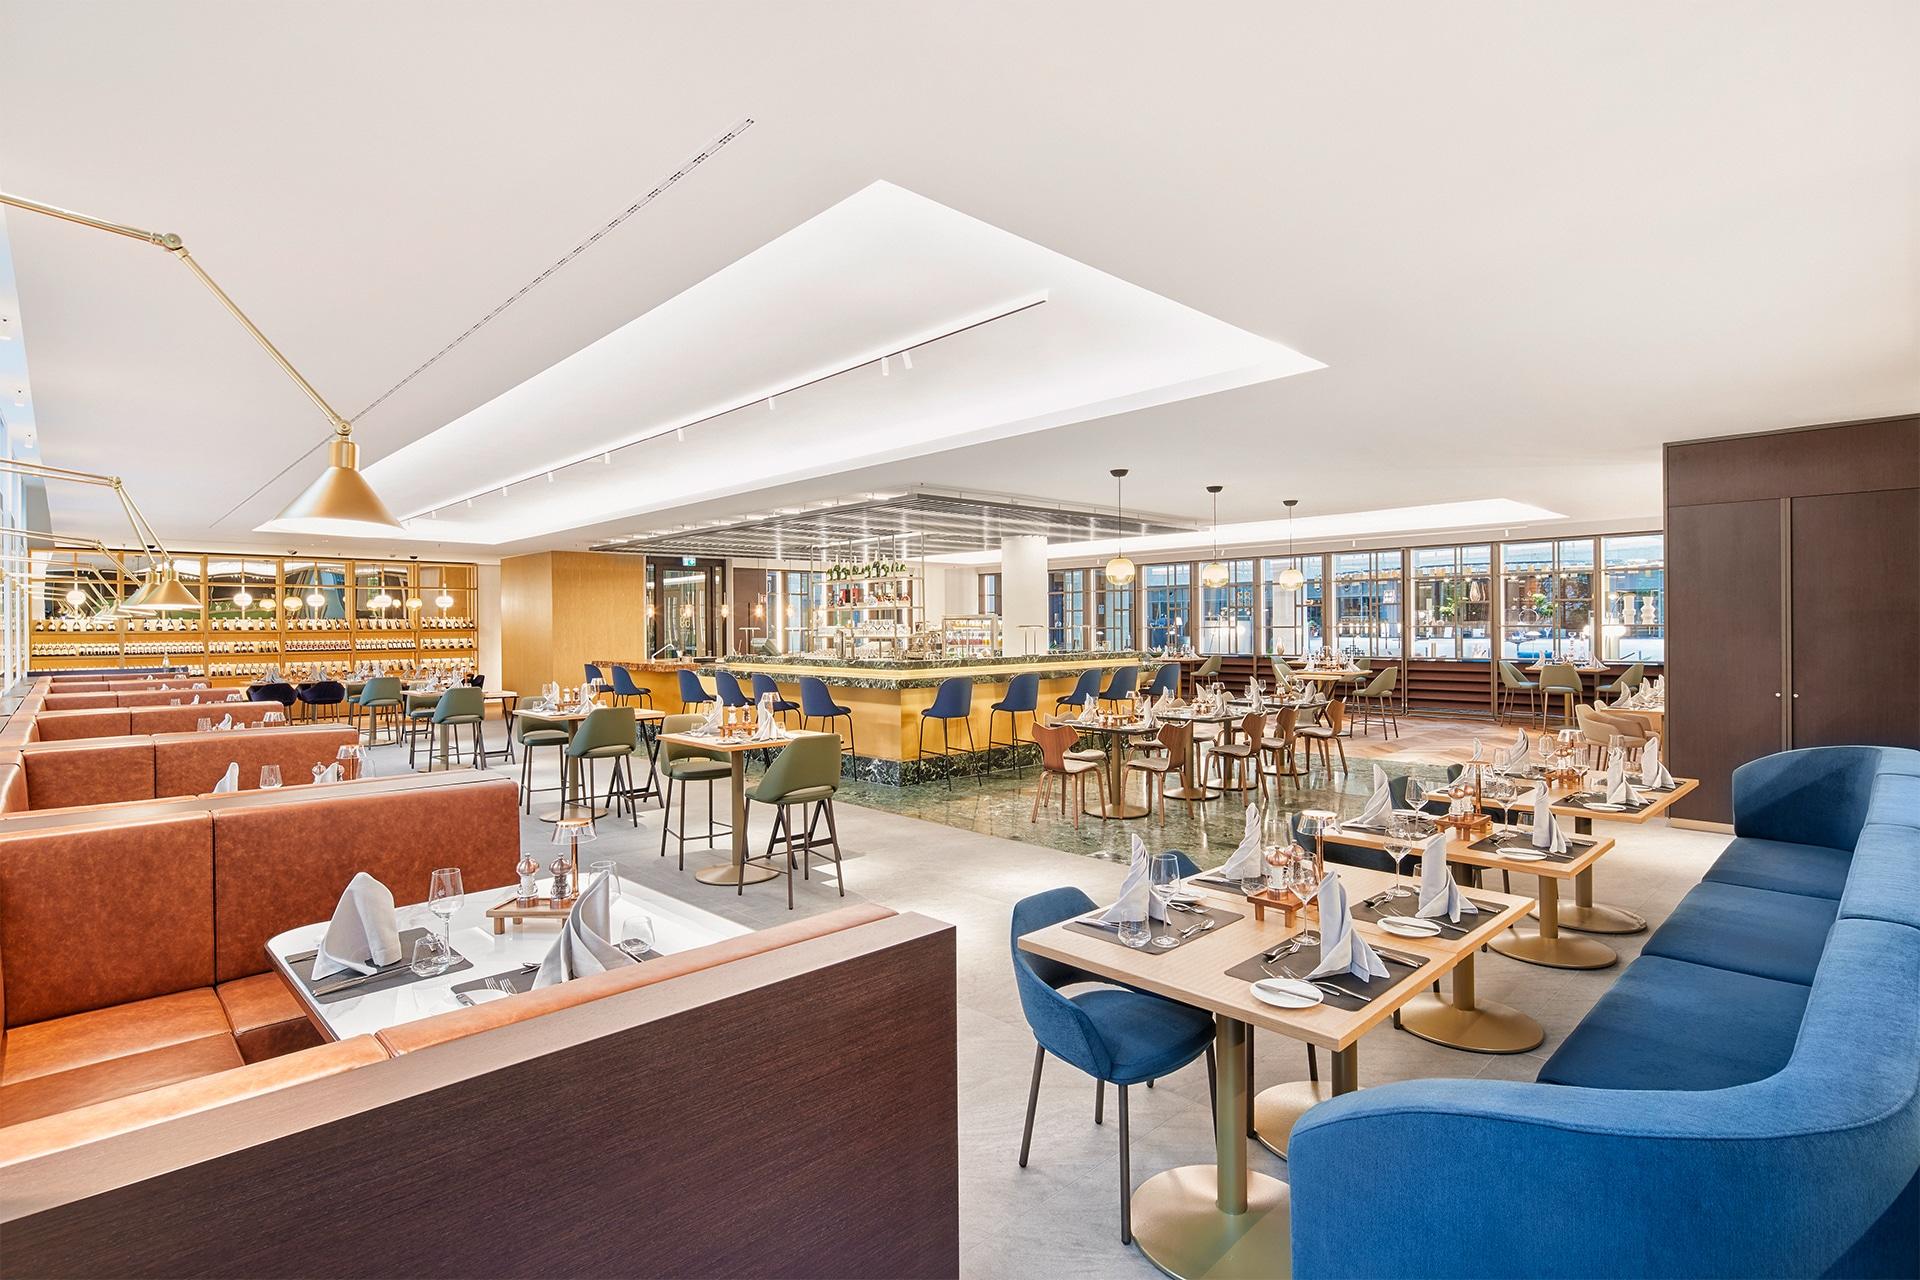 die neue Bar im Restaurant Koe59